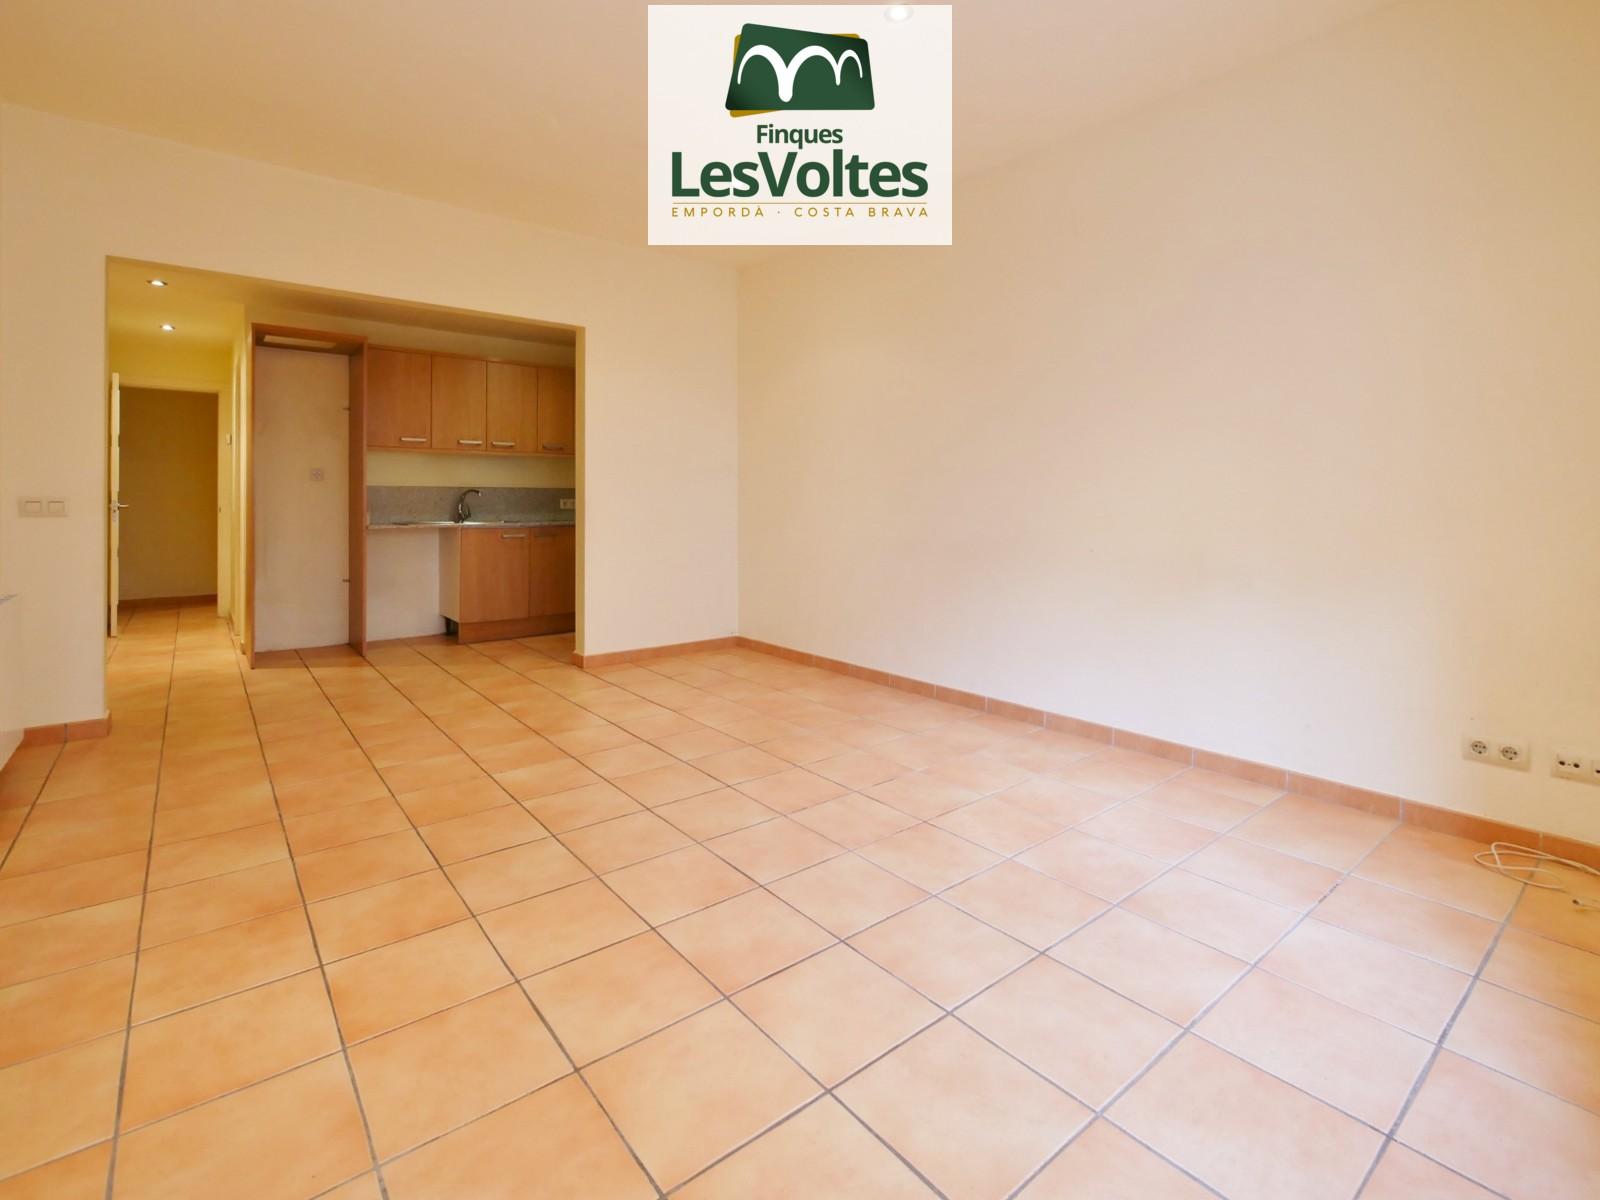 Magnífic pis de 3 habitacions en venda en immillorable situació al centre peatonal de Palafrugell.